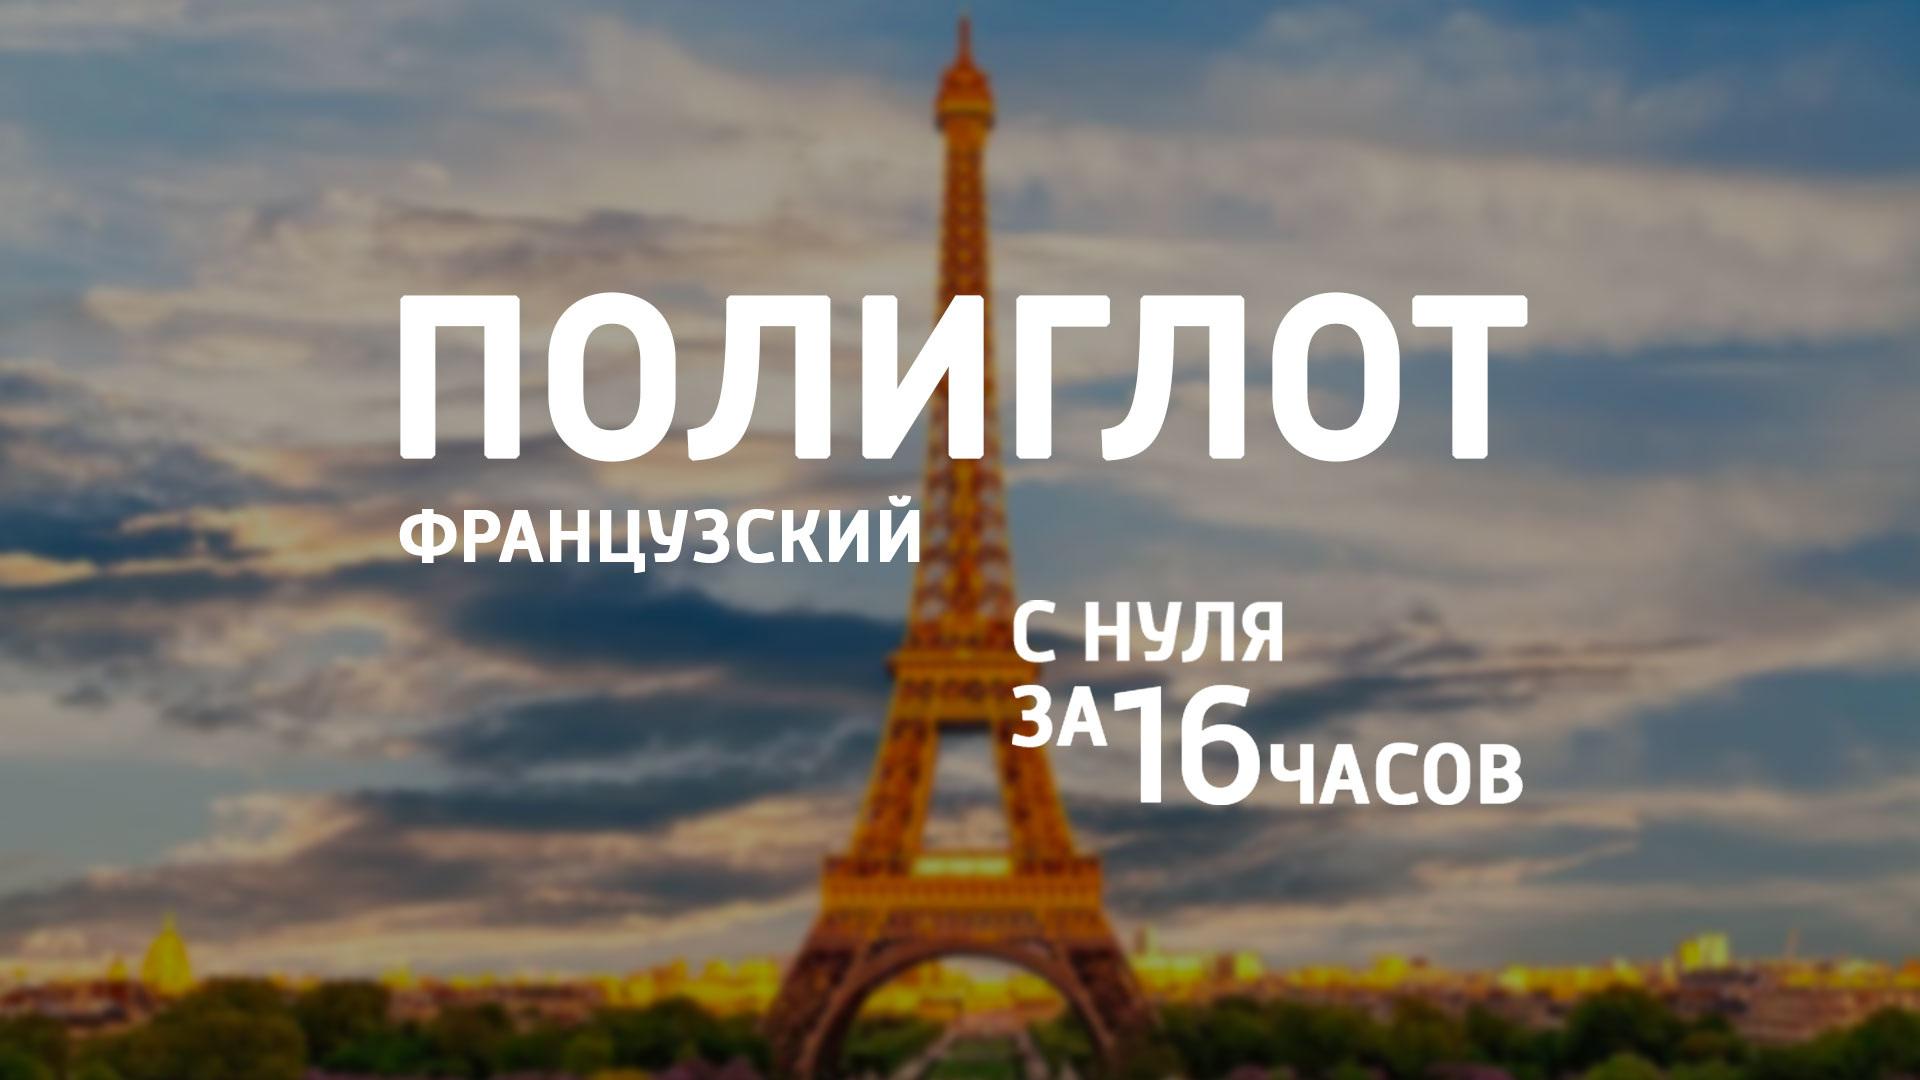 Полиглот. Французский с нуля за 16 часов!